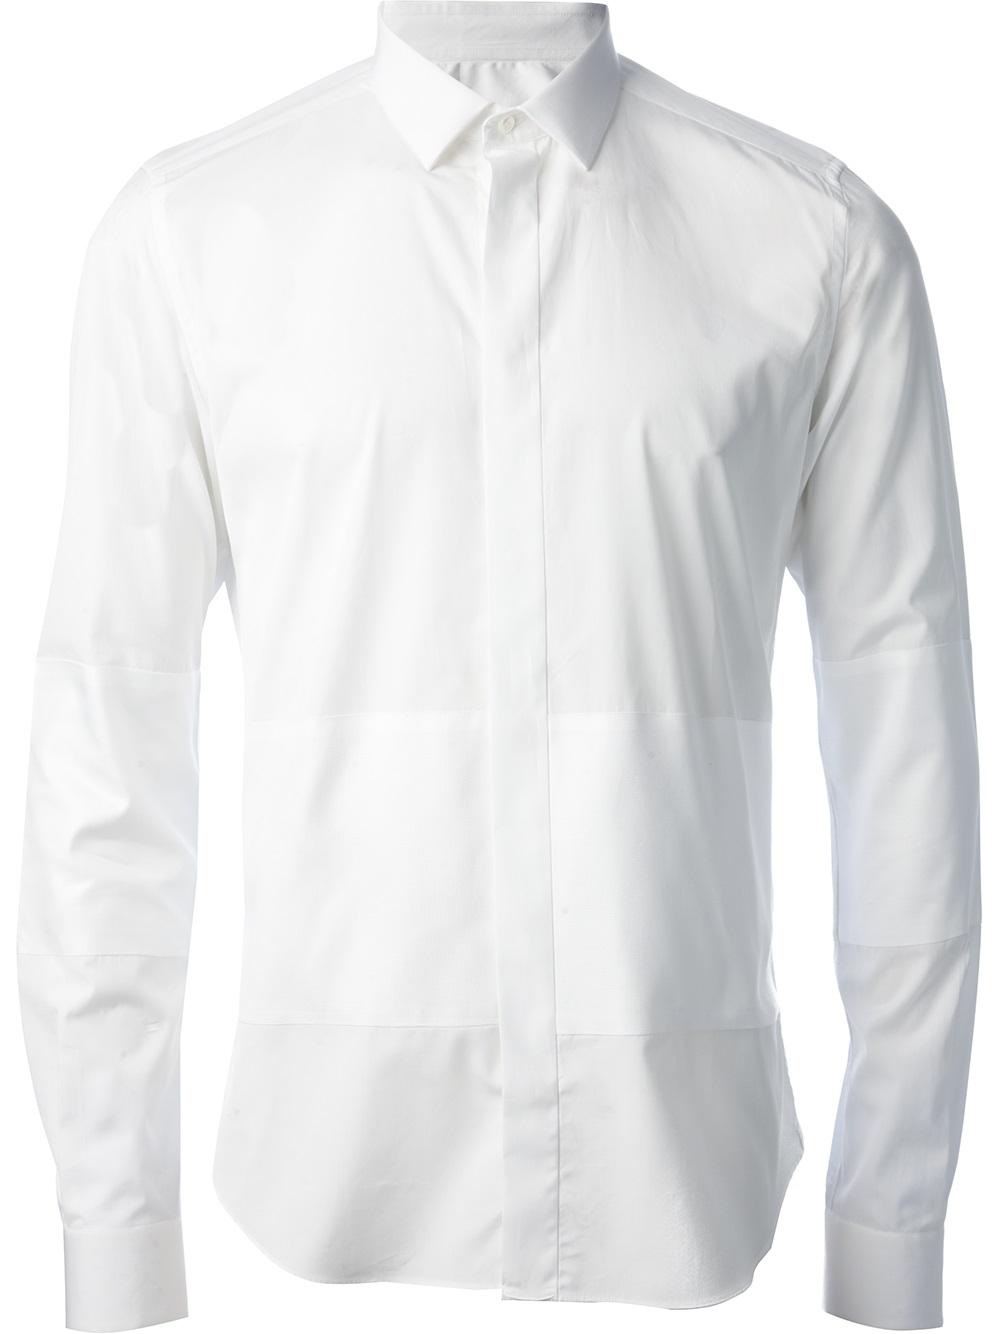 Collared Shirt Mens